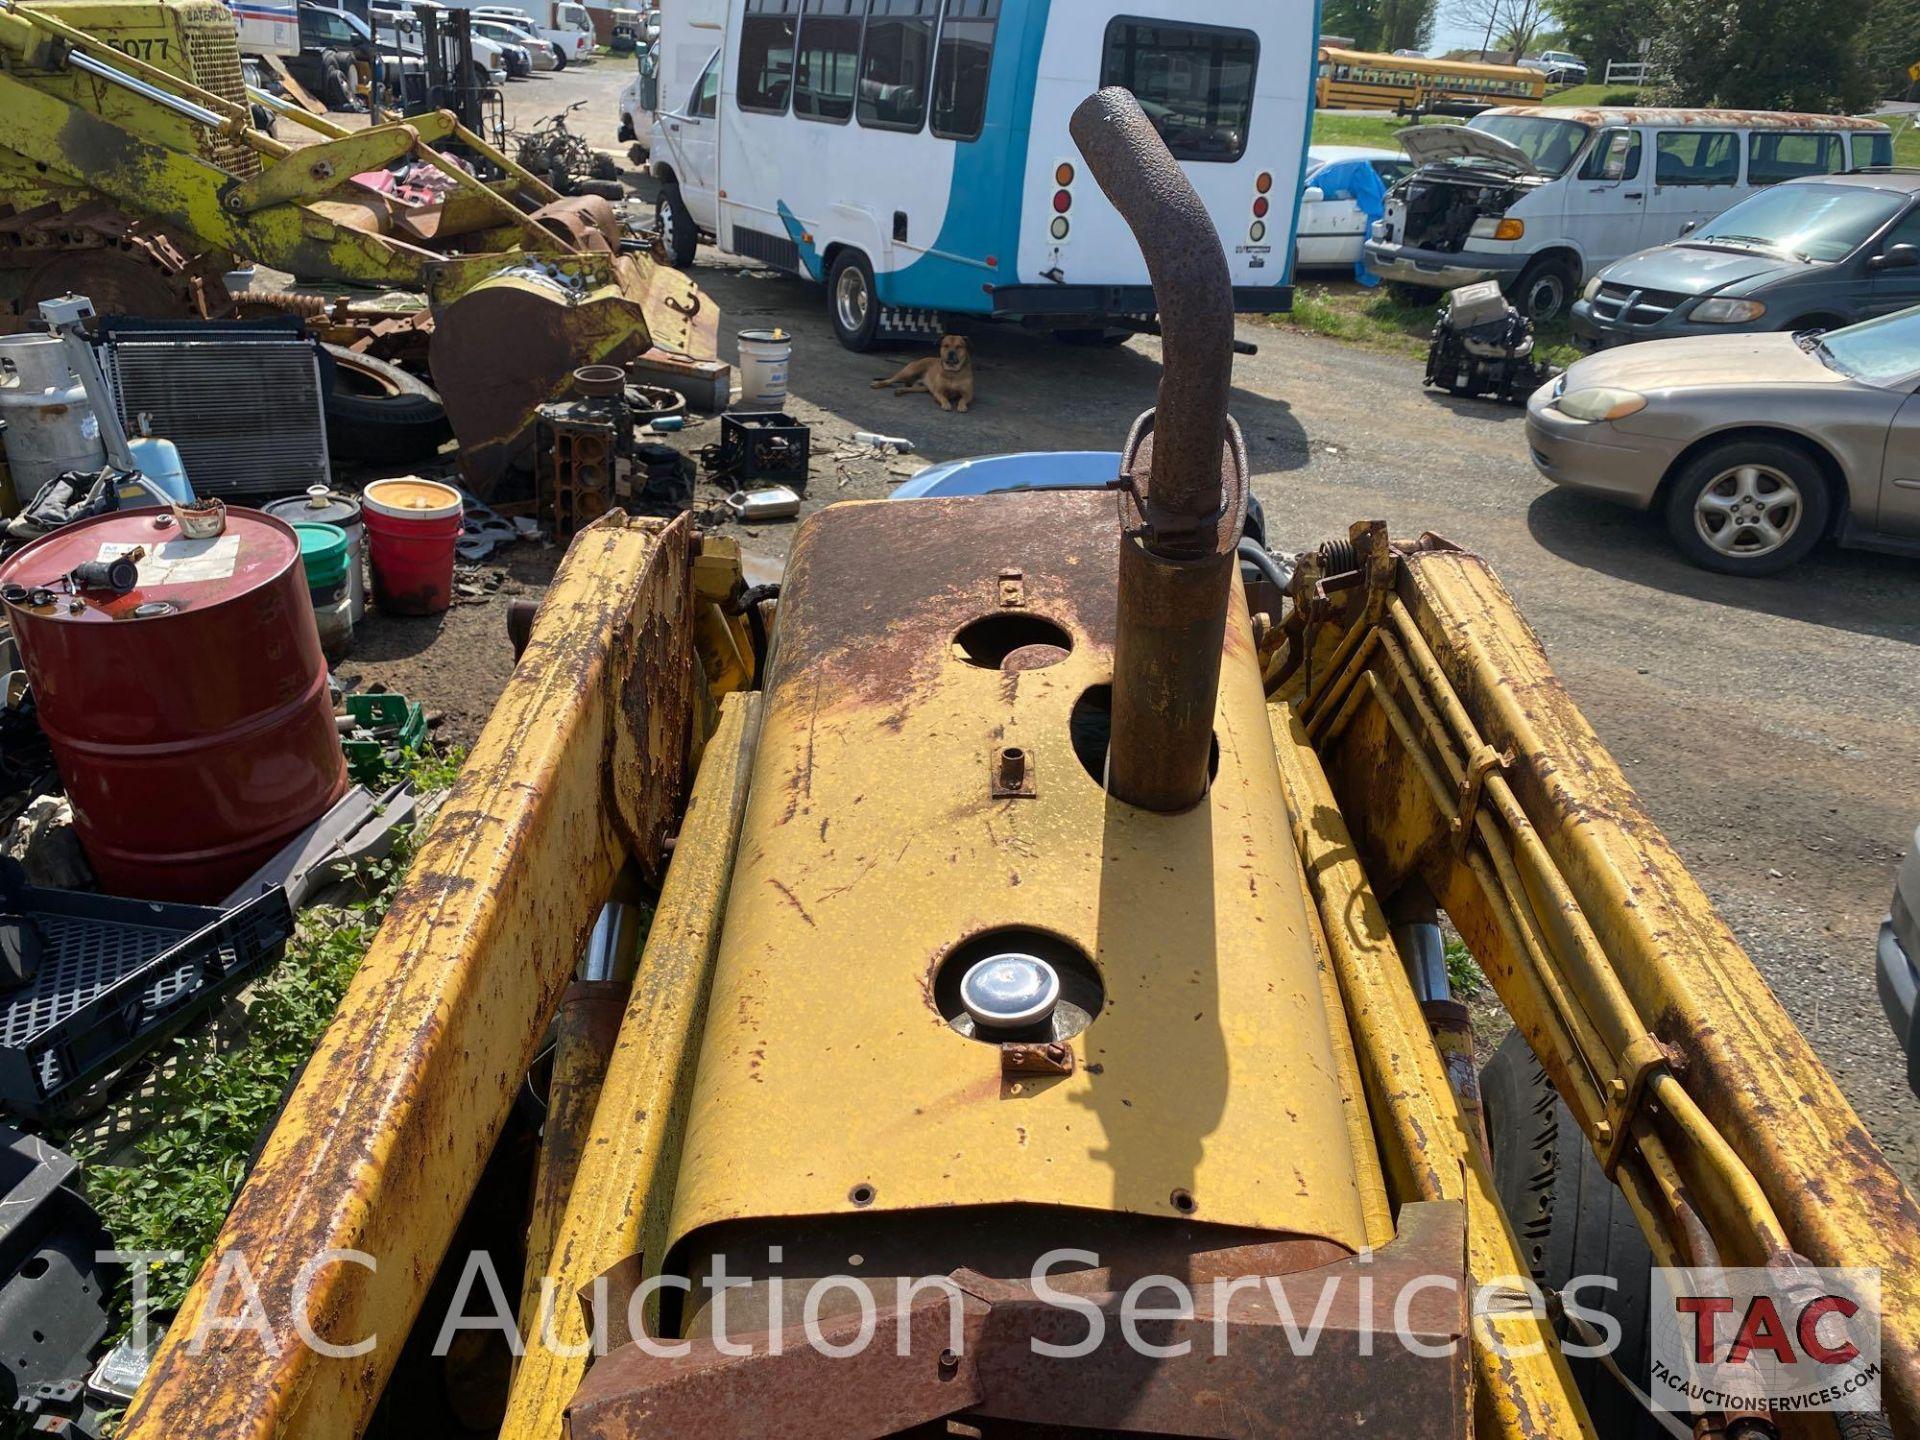 Massey Ferguson 50C Loader Backhoe - Image 35 of 45